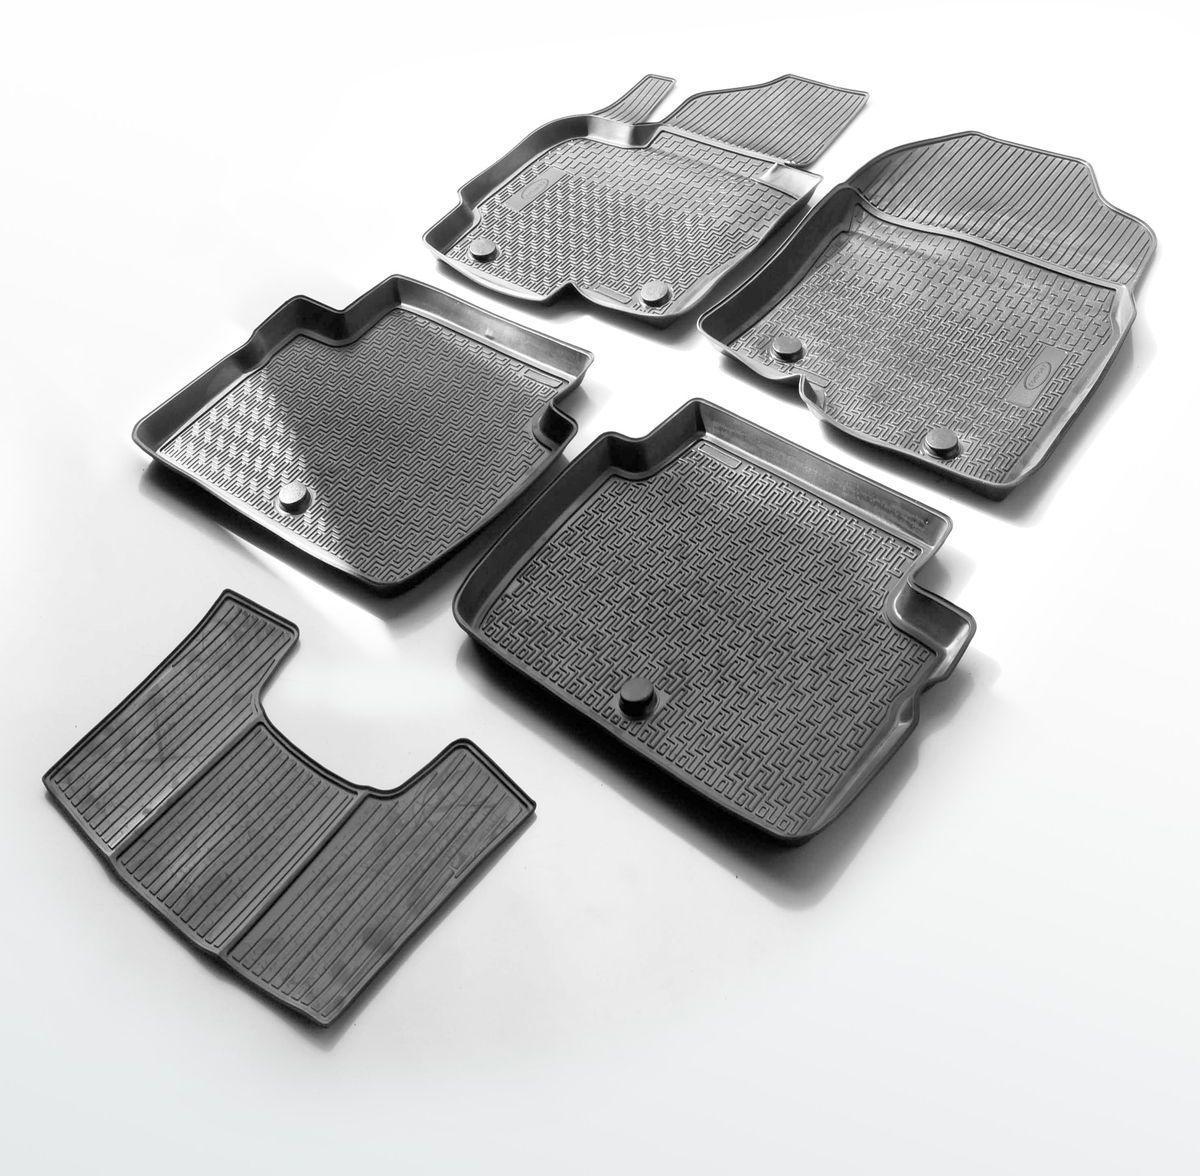 Коврики салона Rival для Hyundai Tucson 2016-, c перемычкой, полиуретан98298130Прочные и долговечные коврики Rival в салон автомобиля, изготовлены из высококачественного и экологичного сырья, полностью повторяют геометрию салона вашего автомобиля.- Надежная система крепления, позволяющая закрепить коврик на штатные элементы фиксации, в результате чего отсутствует эффект скольжения по салону автомобиля.- Высокая стойкость поверхности к стиранию.- Специализированный рисунок и высокий борт, препятствующие распространению грязи и жидкости по поверхности коврика.- Перемычка задних ковриков в комплекте предотвращает загрязнение тоннеля карданного вала.- Произведены из первичных материалов, в результате чего отсутствует неприятный запах в салоне автомобиля.- Высокая эластичность, можно беспрепятственно эксплуатировать при температуре от -45 ?C до +45 ?C.Уважаемые клиенты!Обращаем ваше внимание,что коврики имеет формусоответствующую модели данного автомобиля. Фото служит для визуального восприятия товара.